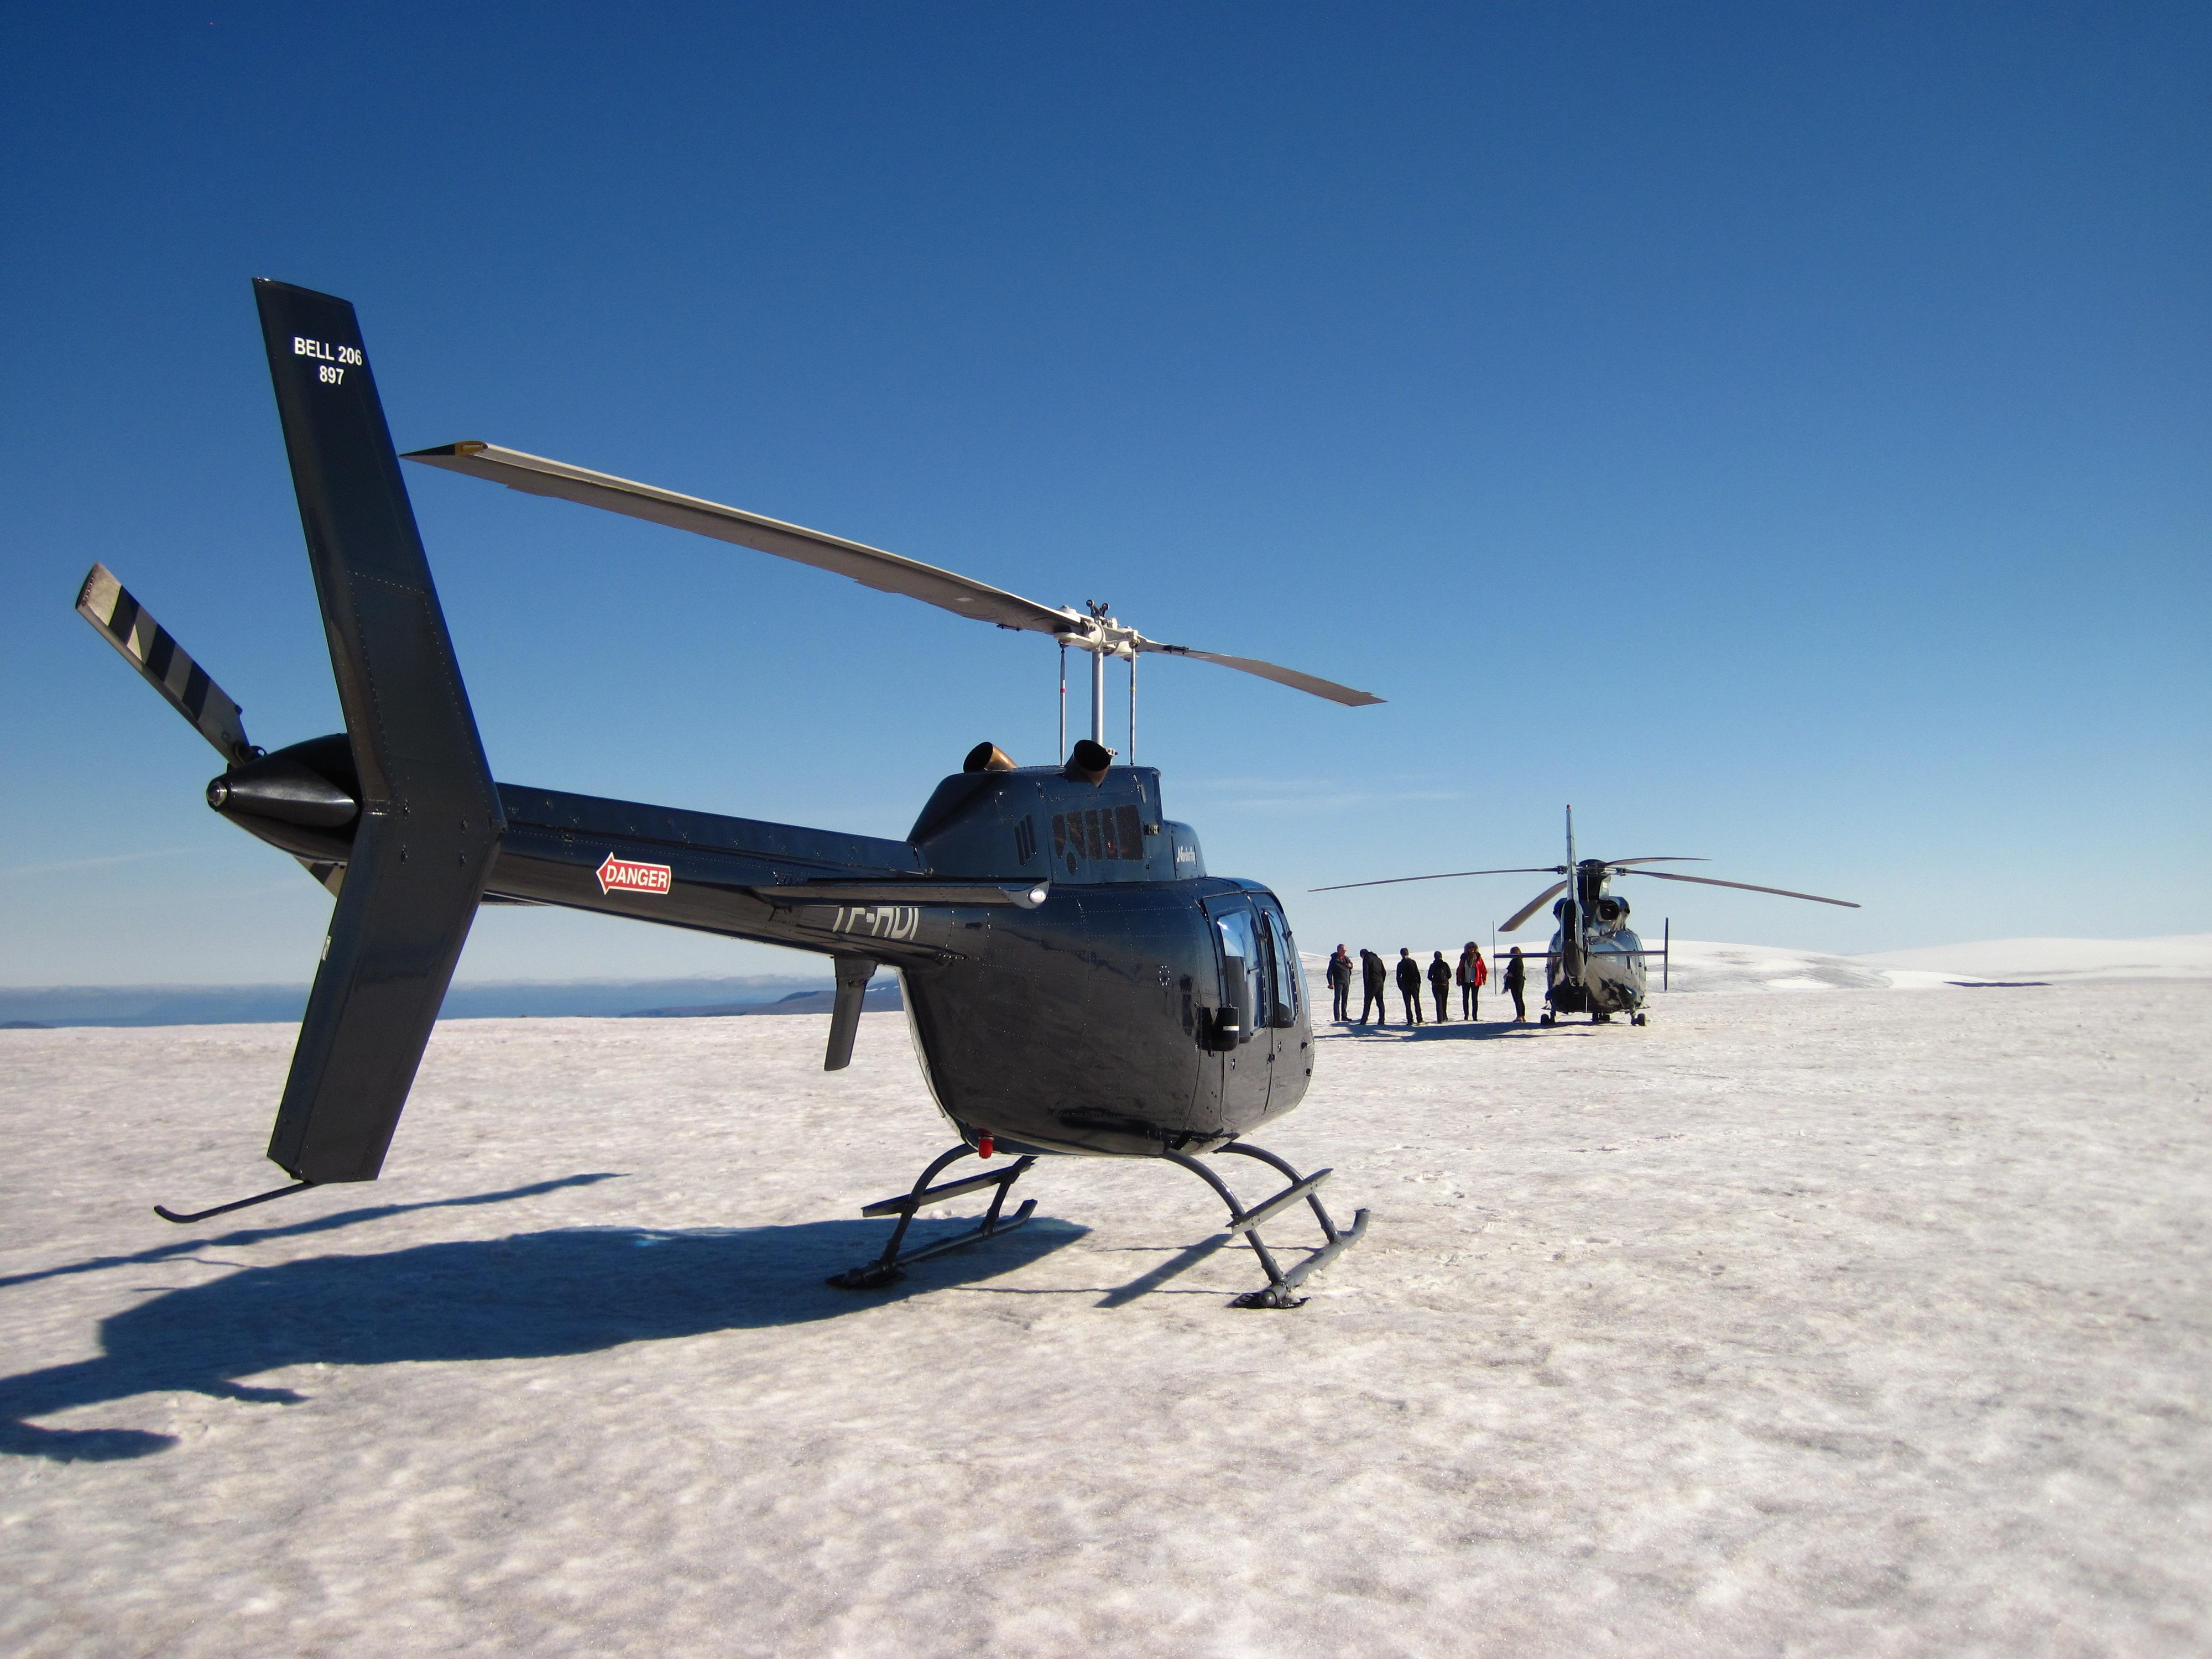 Зачем совершать восхождение на ледник, если можно просто прилететь?